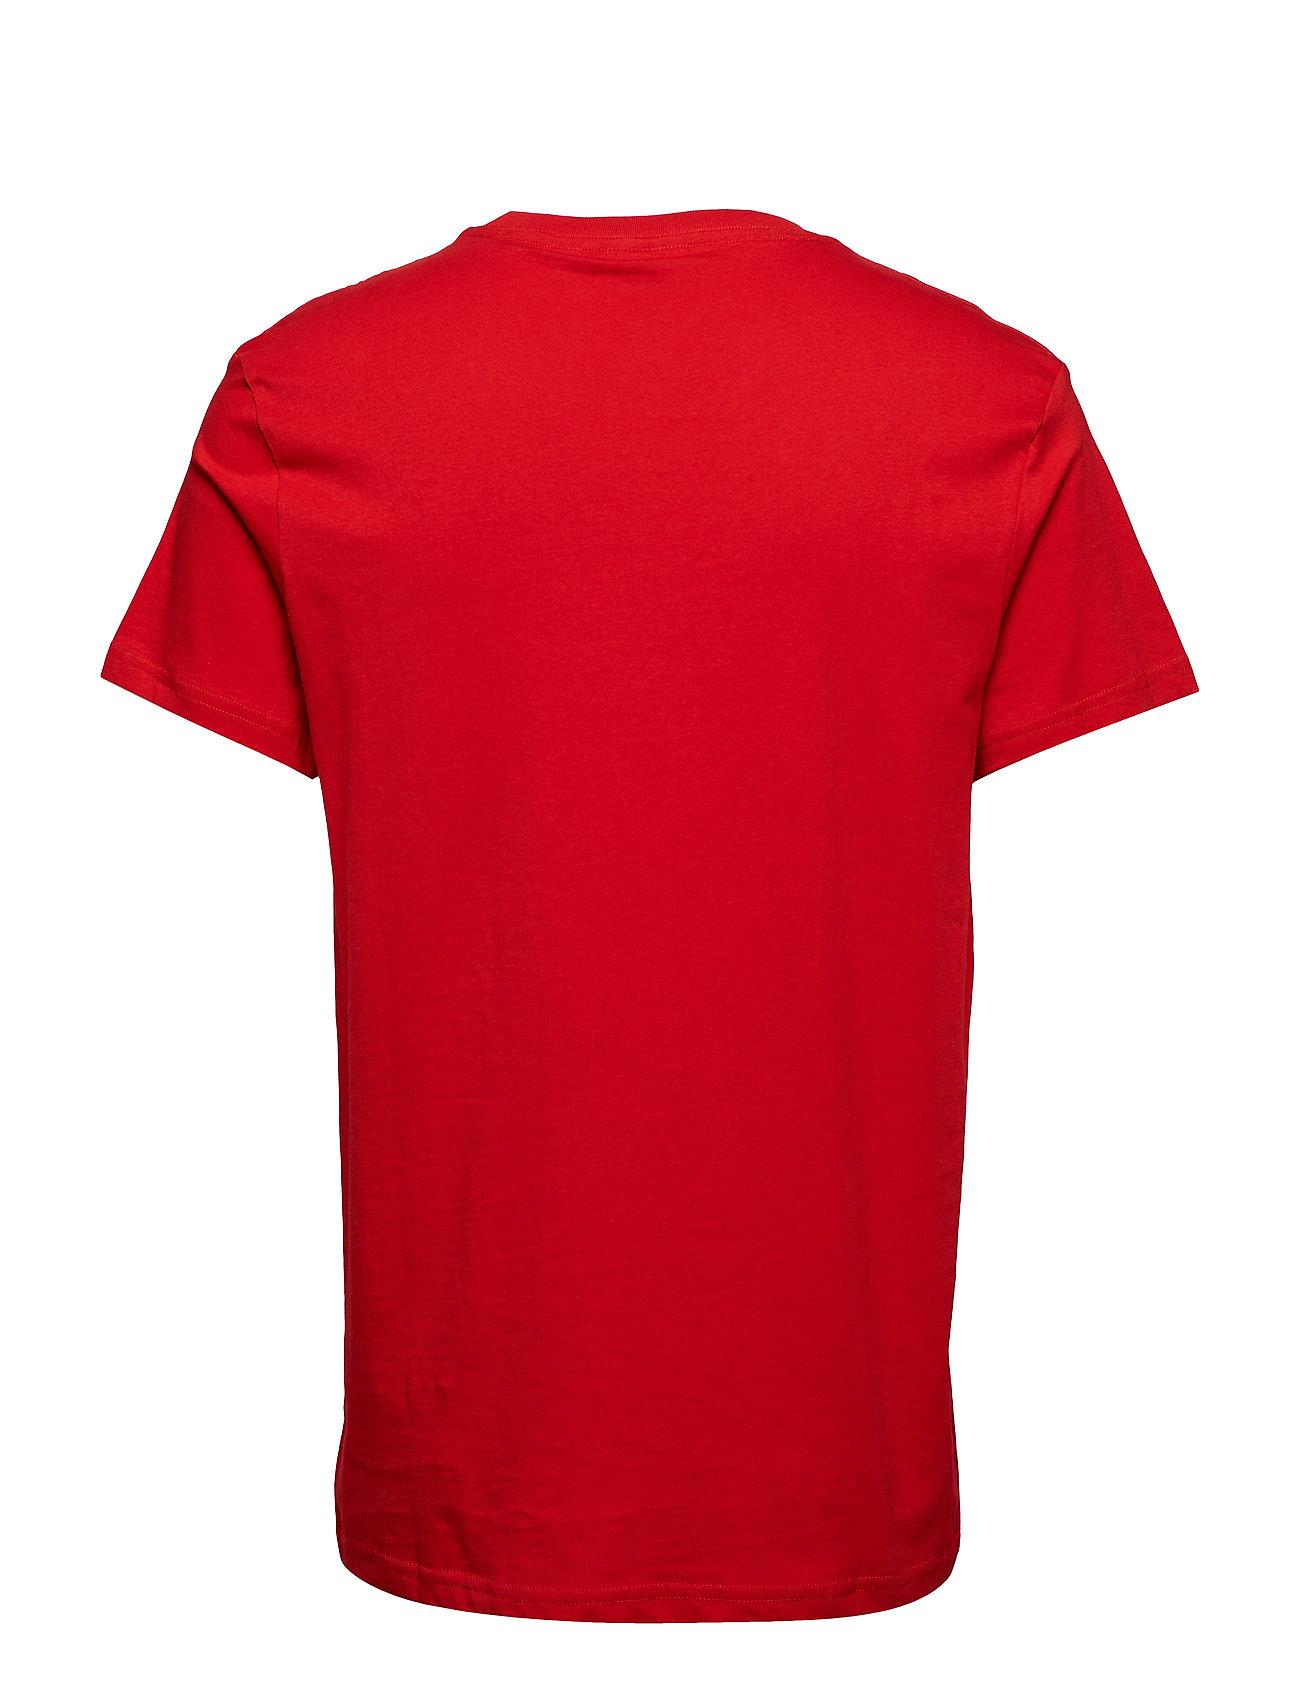 Standard Tee Cheap Review T shirt Rød CHEAP MONDAY